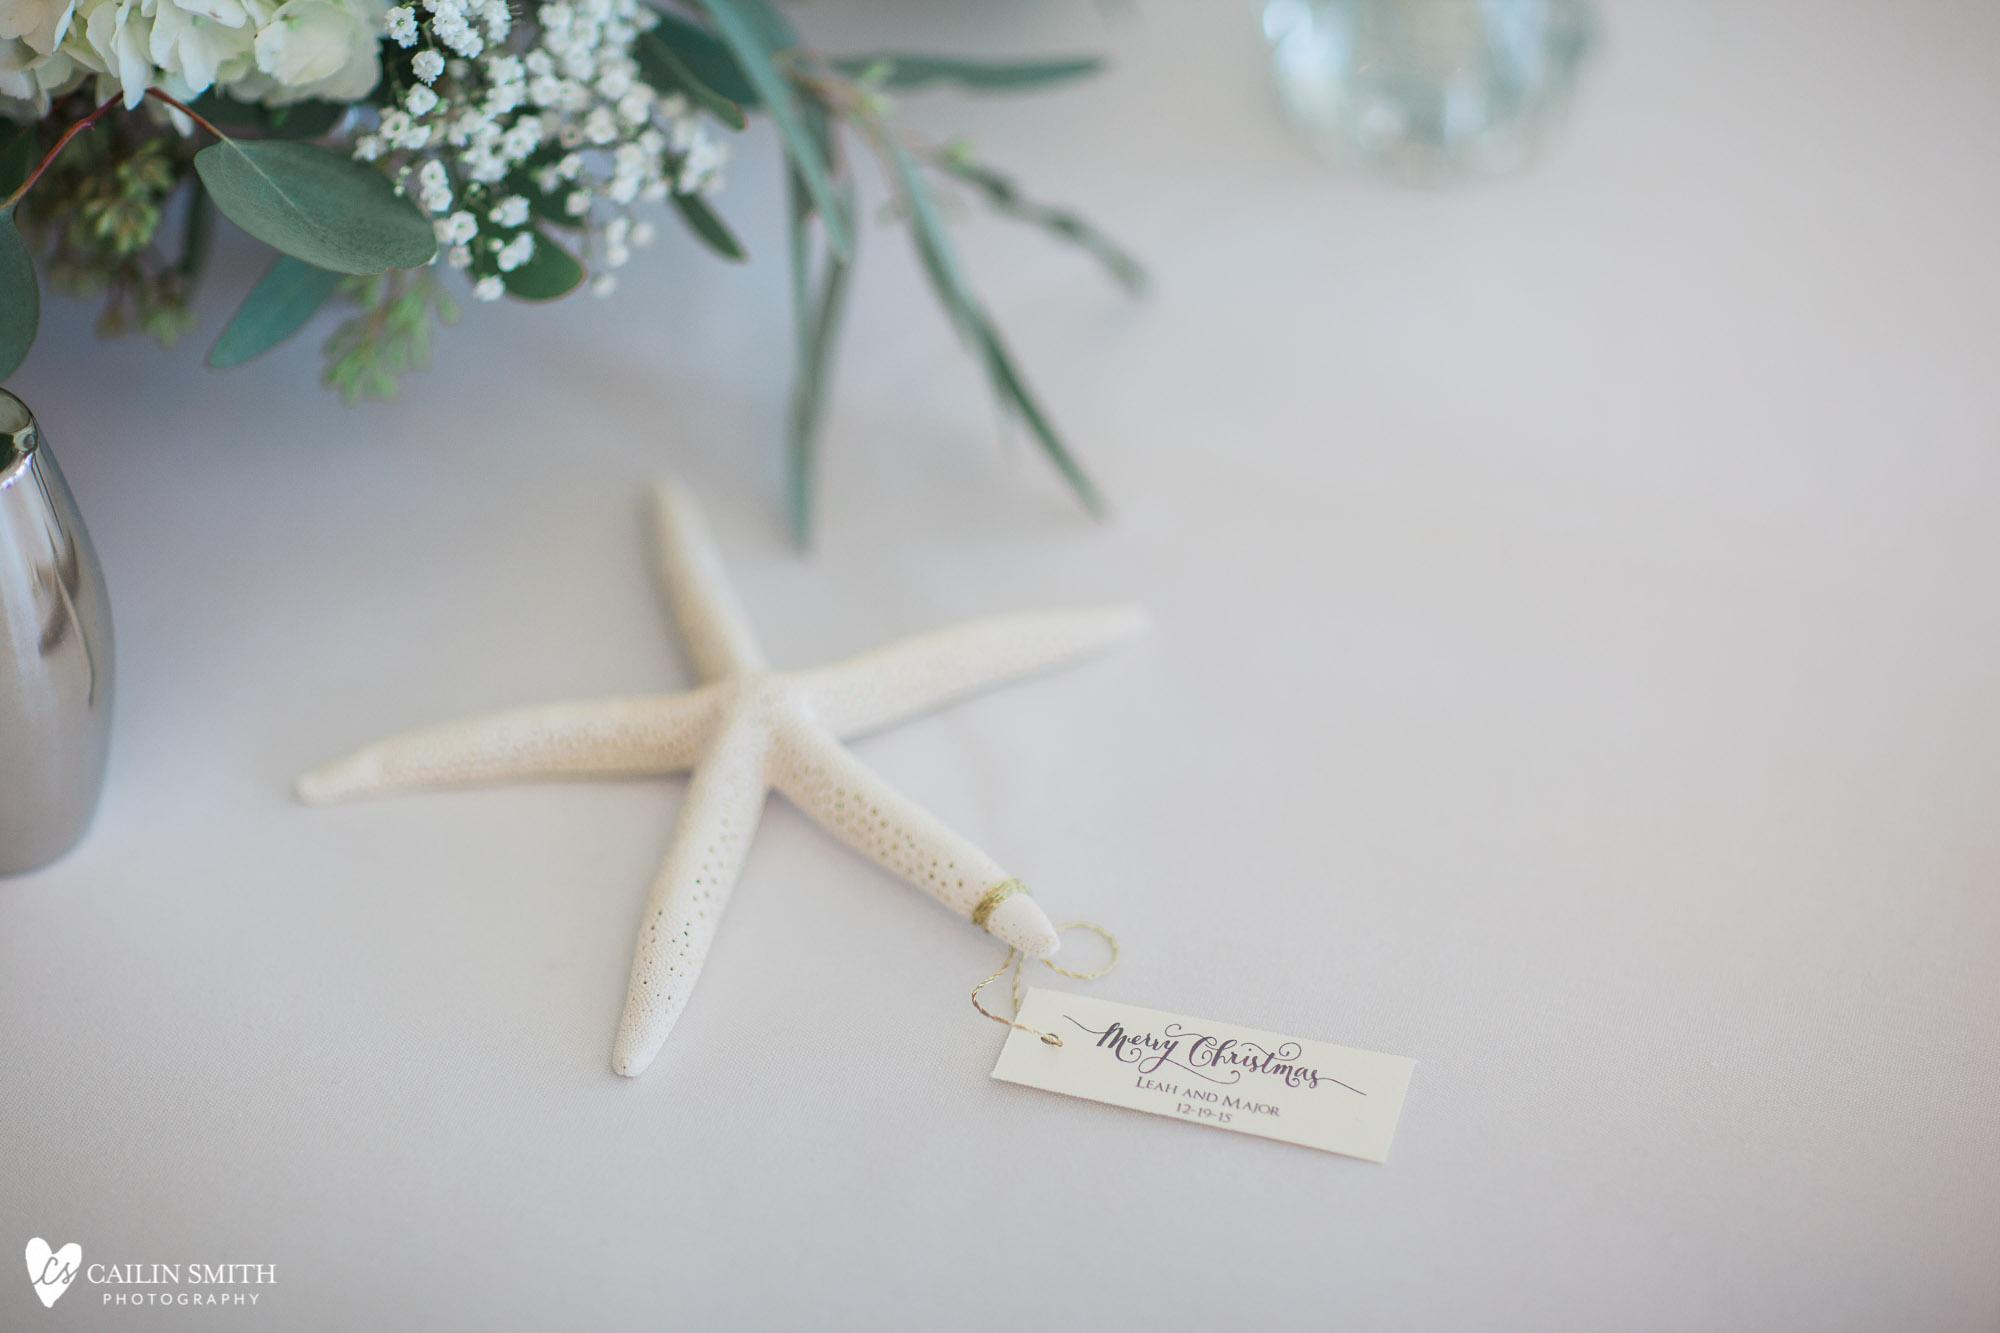 Leah_Major_St_Marys_Wedding_Photography_095.jpg